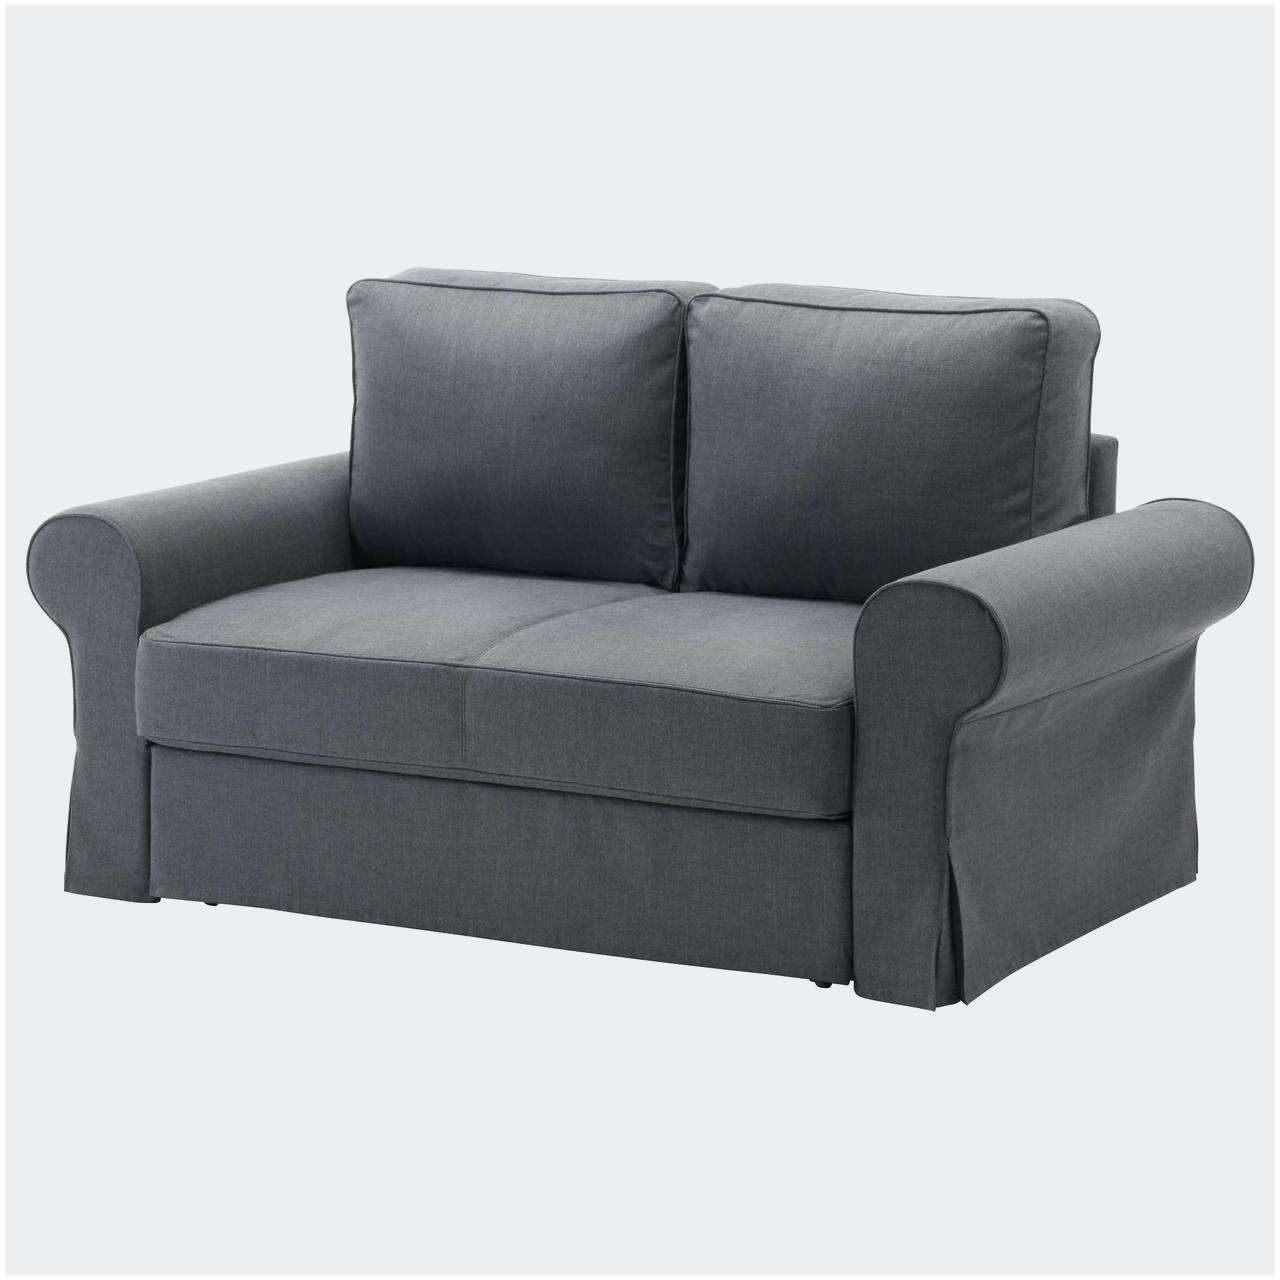 Ikea Canapé Lit Inspirant Nouveau 32 De Luxes Canapé Lit Couchage Quoti N Ikea Pour Excellent